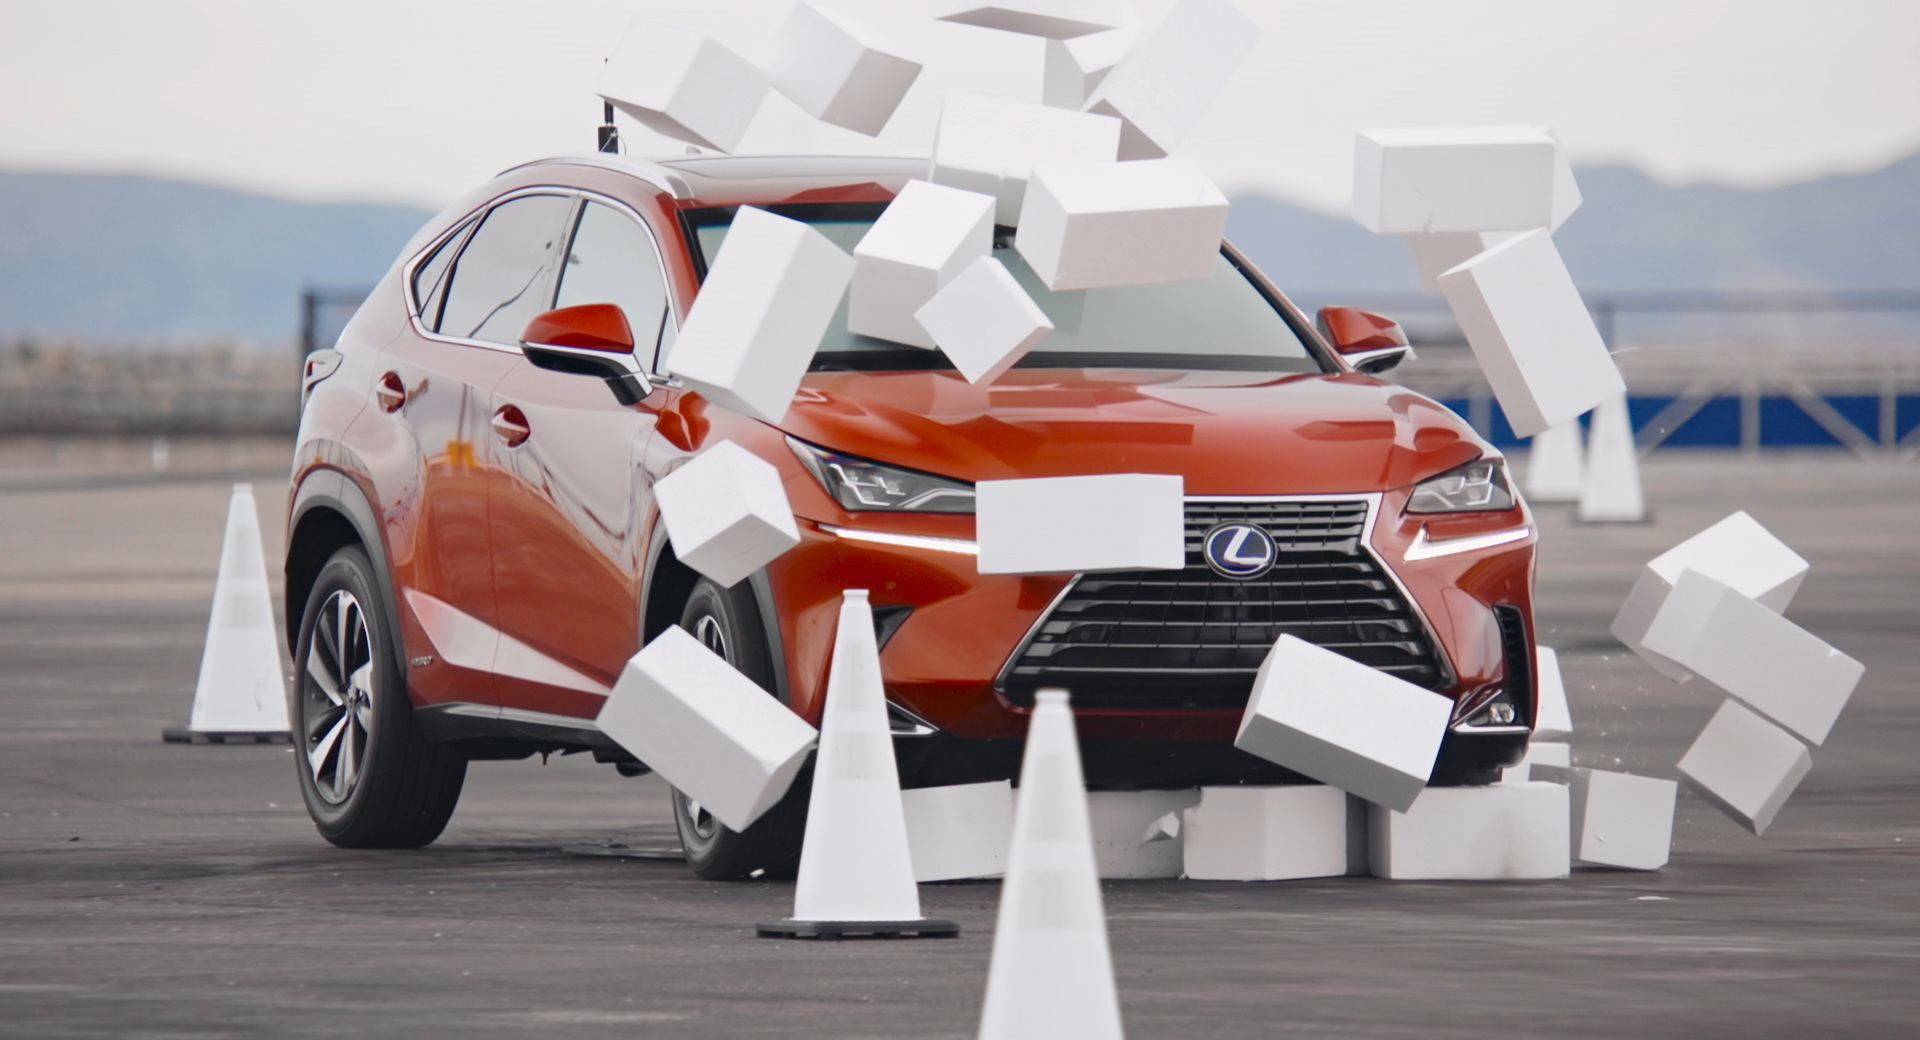 雷克萨斯汽车将驾驶员的百叶窗遮挡4.6秒,以展示发短信开车有多危险